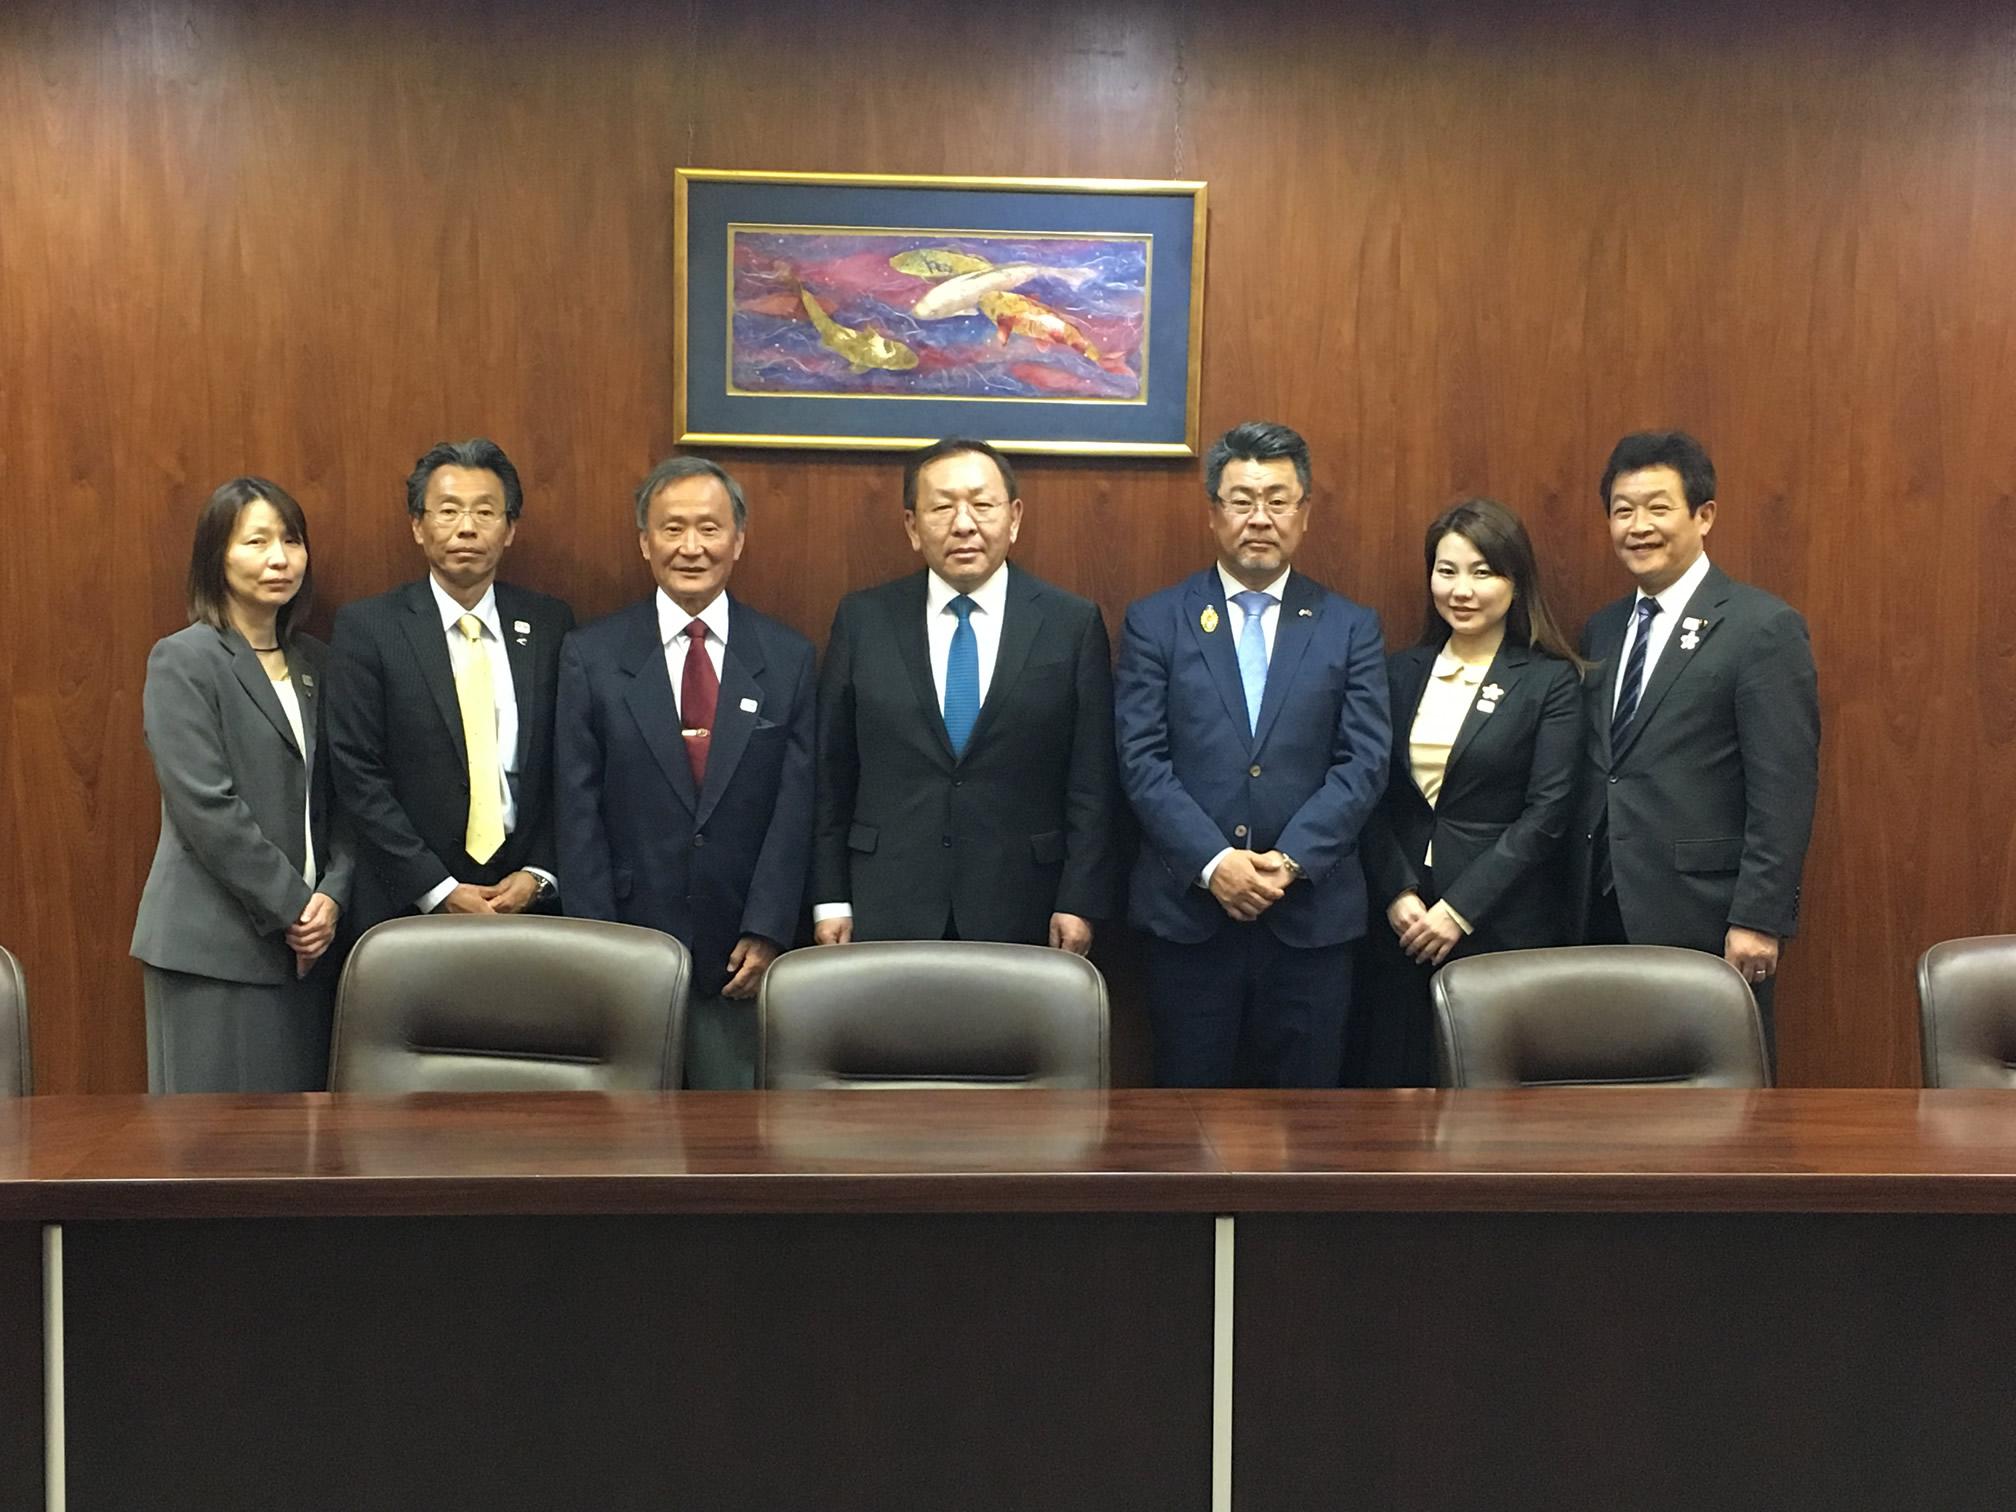 gaan会長とで、2020東京オリンピックに向けた、キャンプ地などに関する協定書への調印式が行われました。 #いそべ亮次 #岡﨑市議会議員